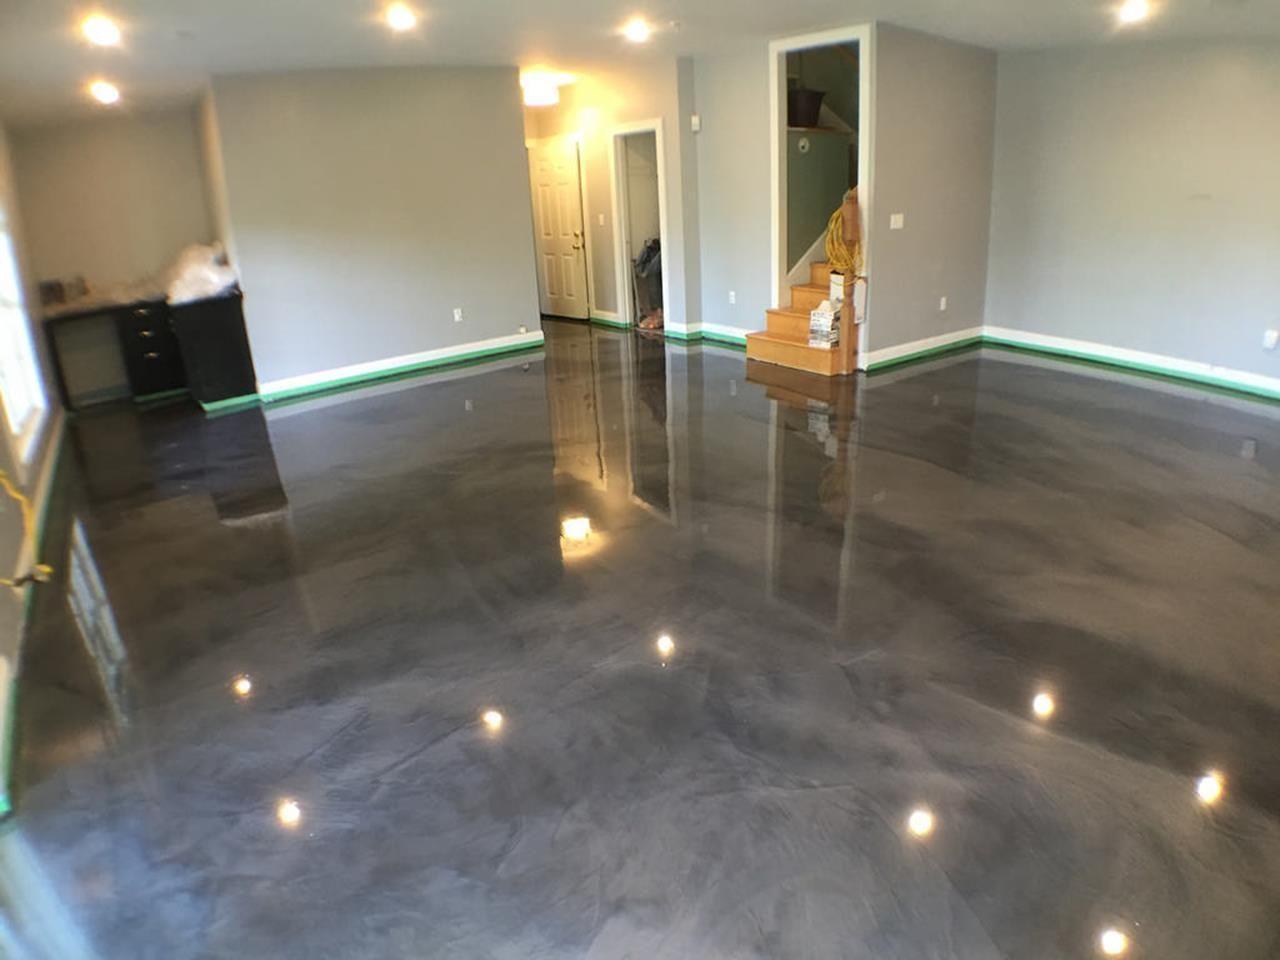 Basement Concrete Floor Paint Color Ideas 2 Basement Concrete